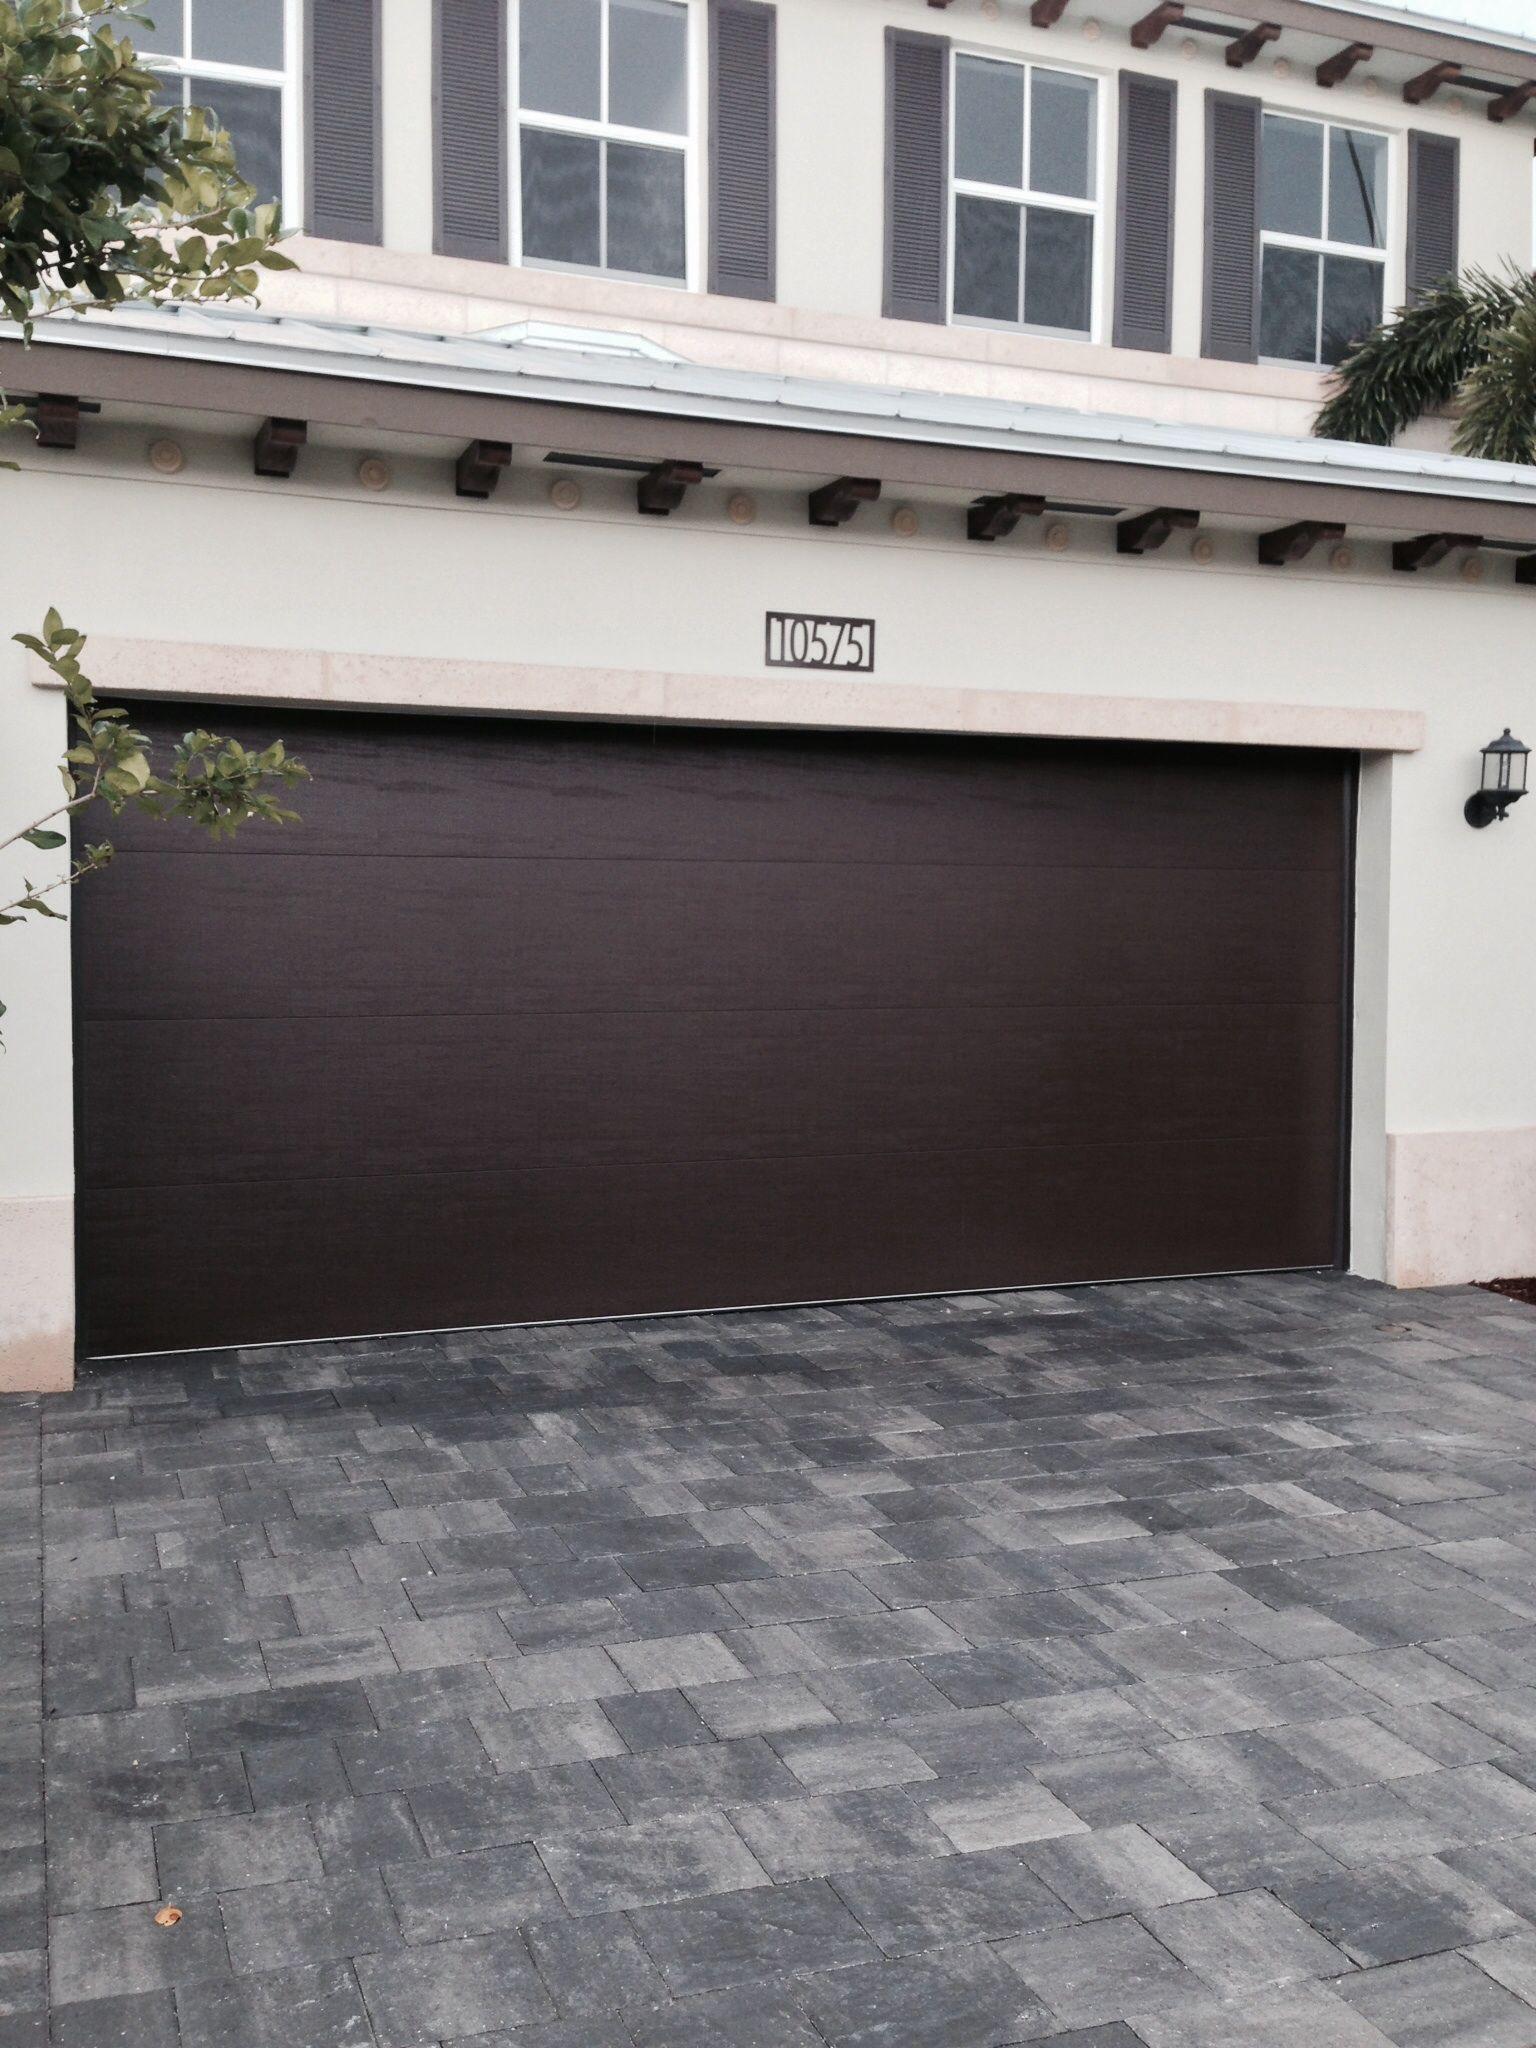 Steel garage door designs - Clopay Steel Garage Door In A Smooth Panel Design Adds A Contemporary Look To This Floroda